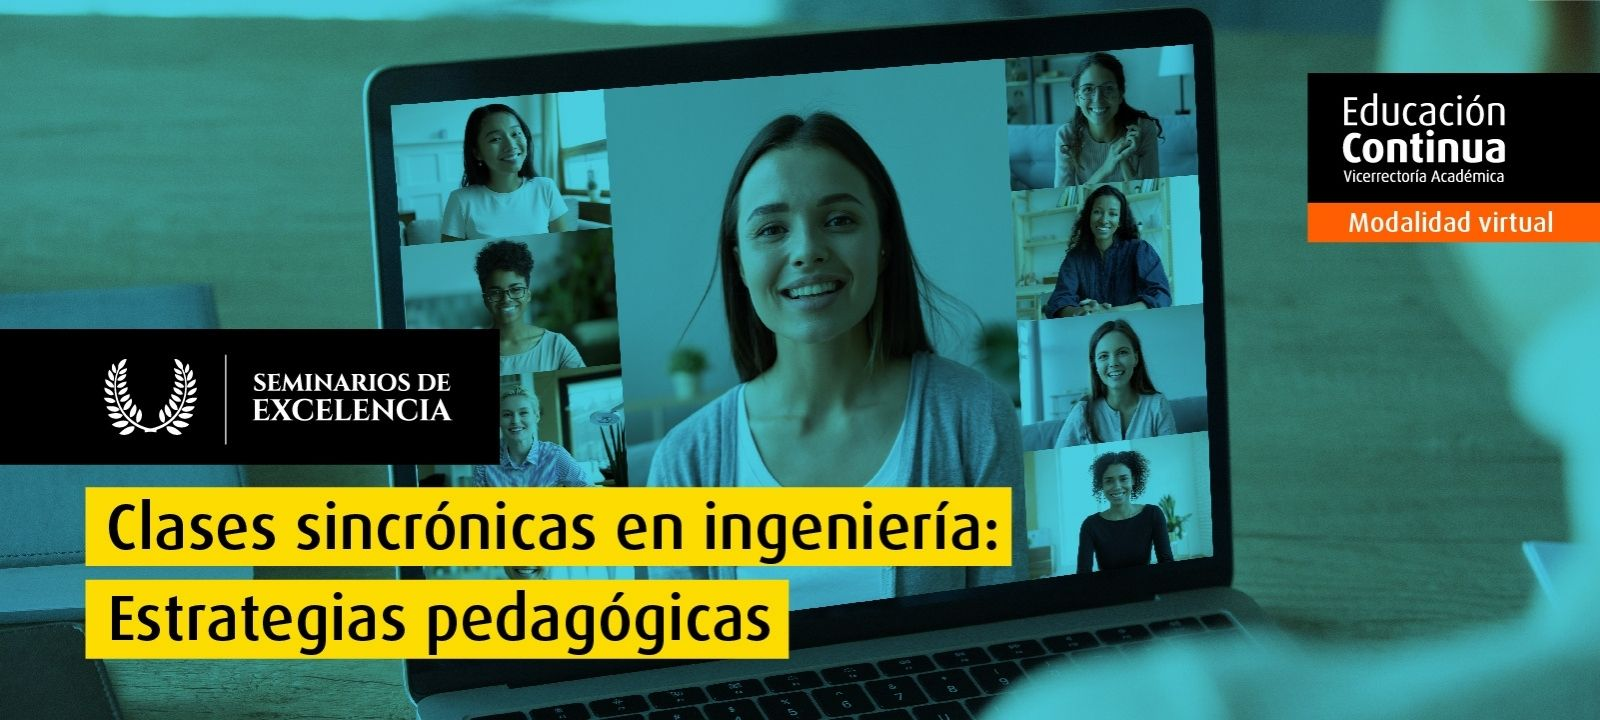 Curso virtual - Clases sincrónicas en Ingeniería: estrategias pedagógicas